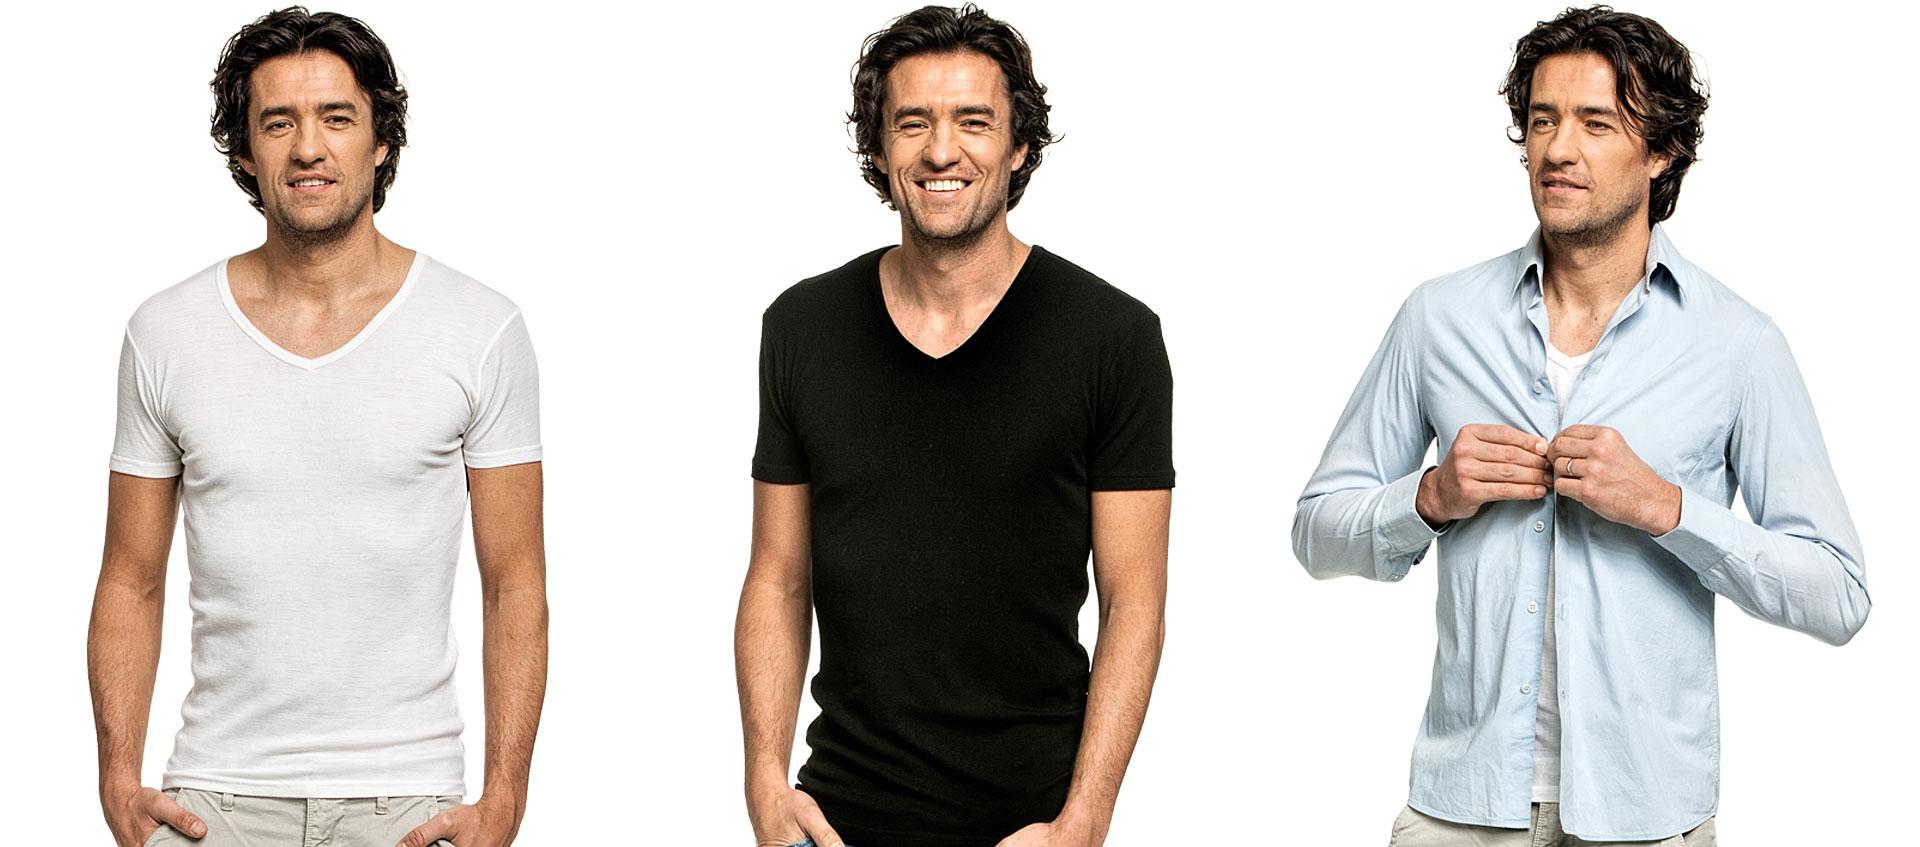 Merino Shirt von Joe Merino: Hochwertige Qualität und höchster Komfort von Joe Merino.